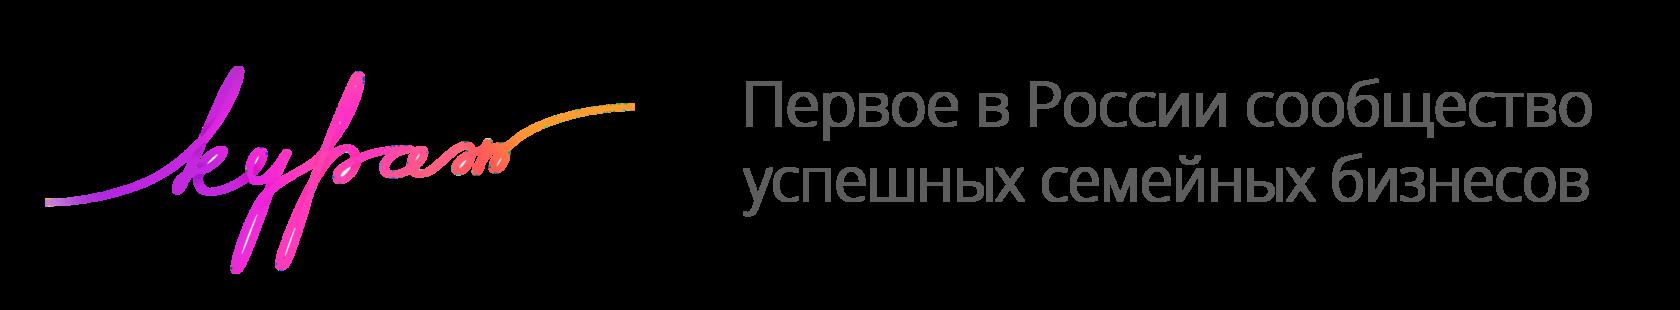 Первое в России сообщество успешных бизнесов